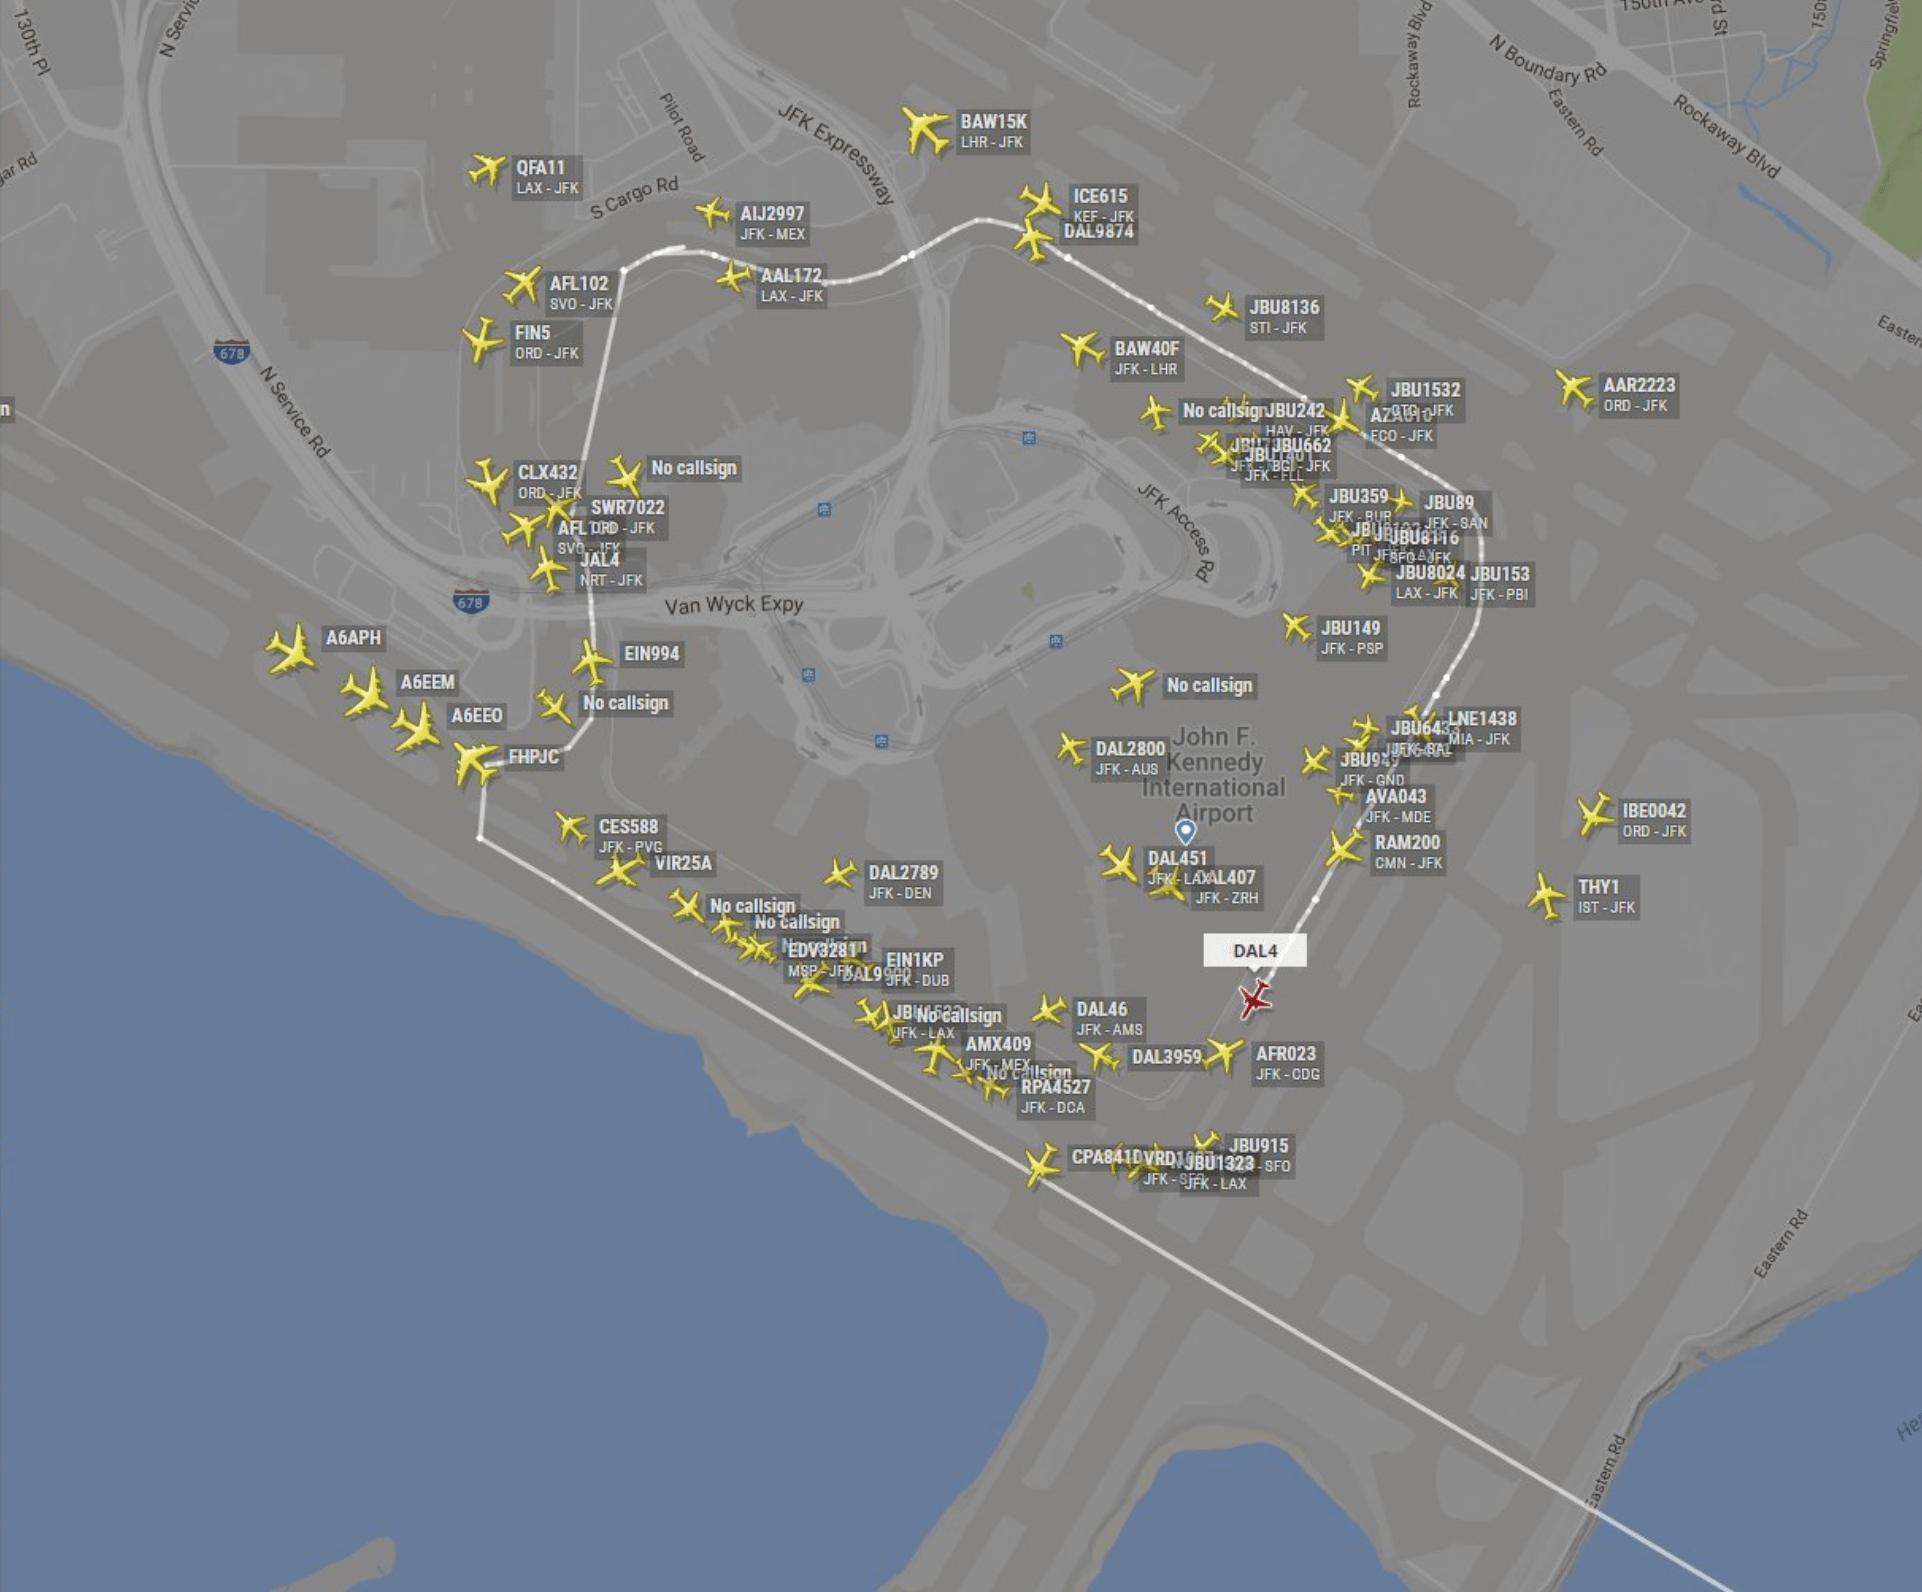 Mayhem At Jfk As Airport Digs Out